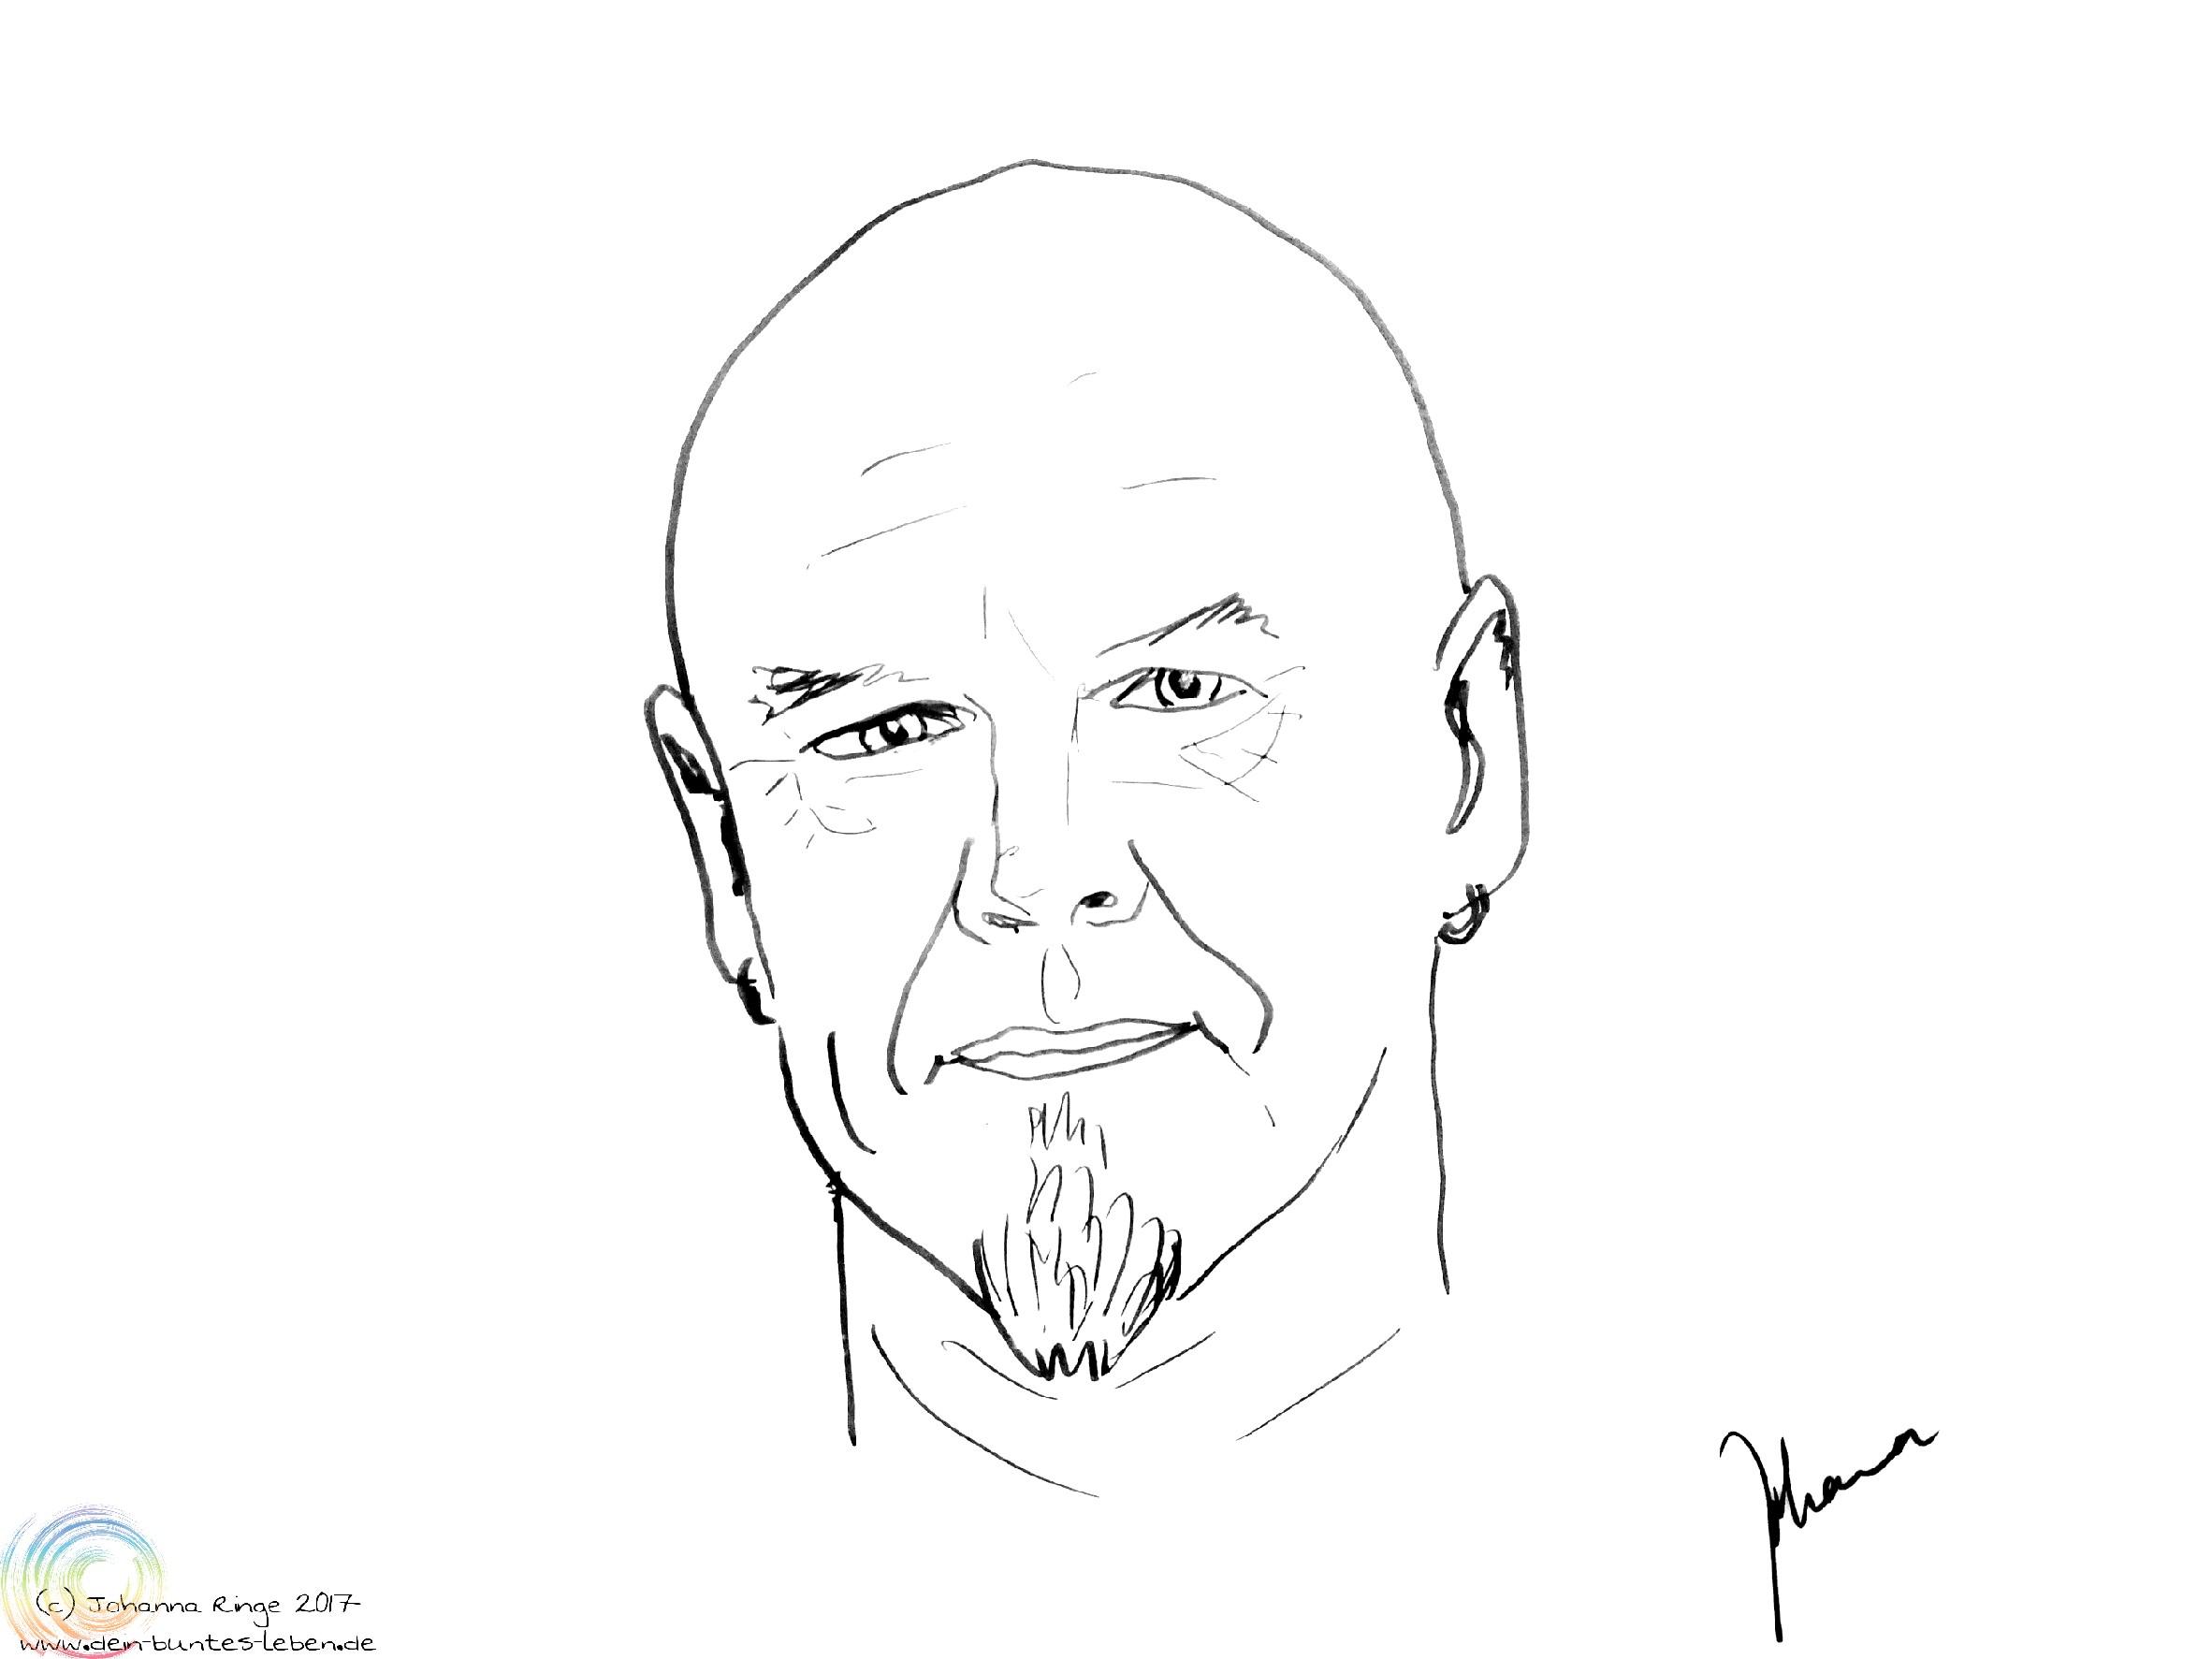 Zeichnung des Gesichtes von Tad Williams. (c)2017 Johanna Ringe www.dein-buntes-leben.de